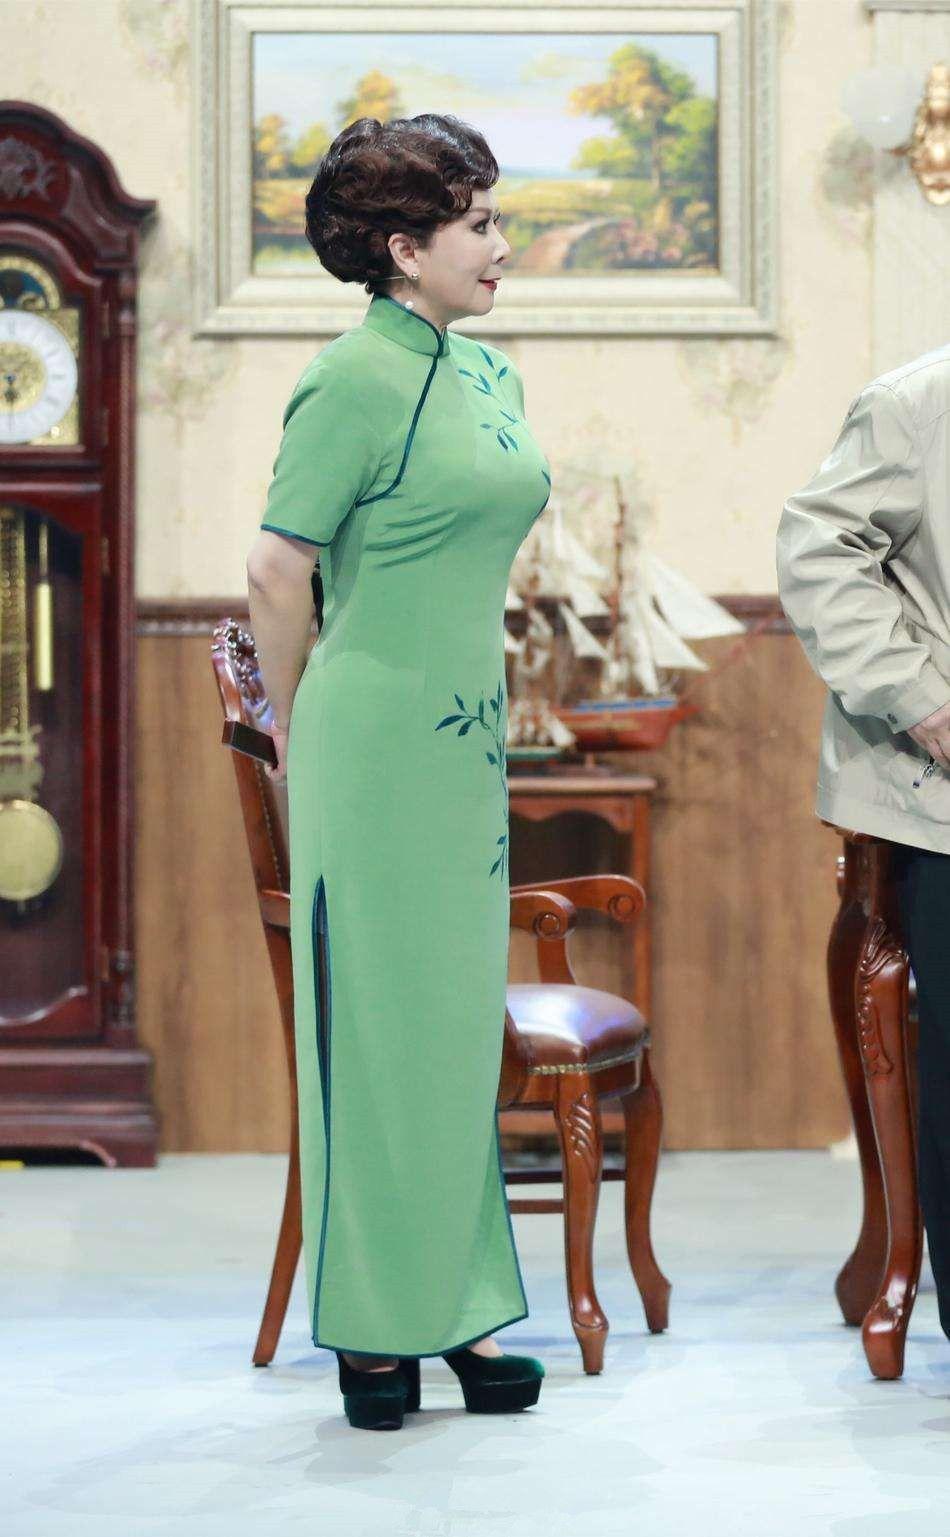 原创 57岁蔡明终于服老!白长褂配白长裙道骨仙风,俨然是位慈祥老奶奶